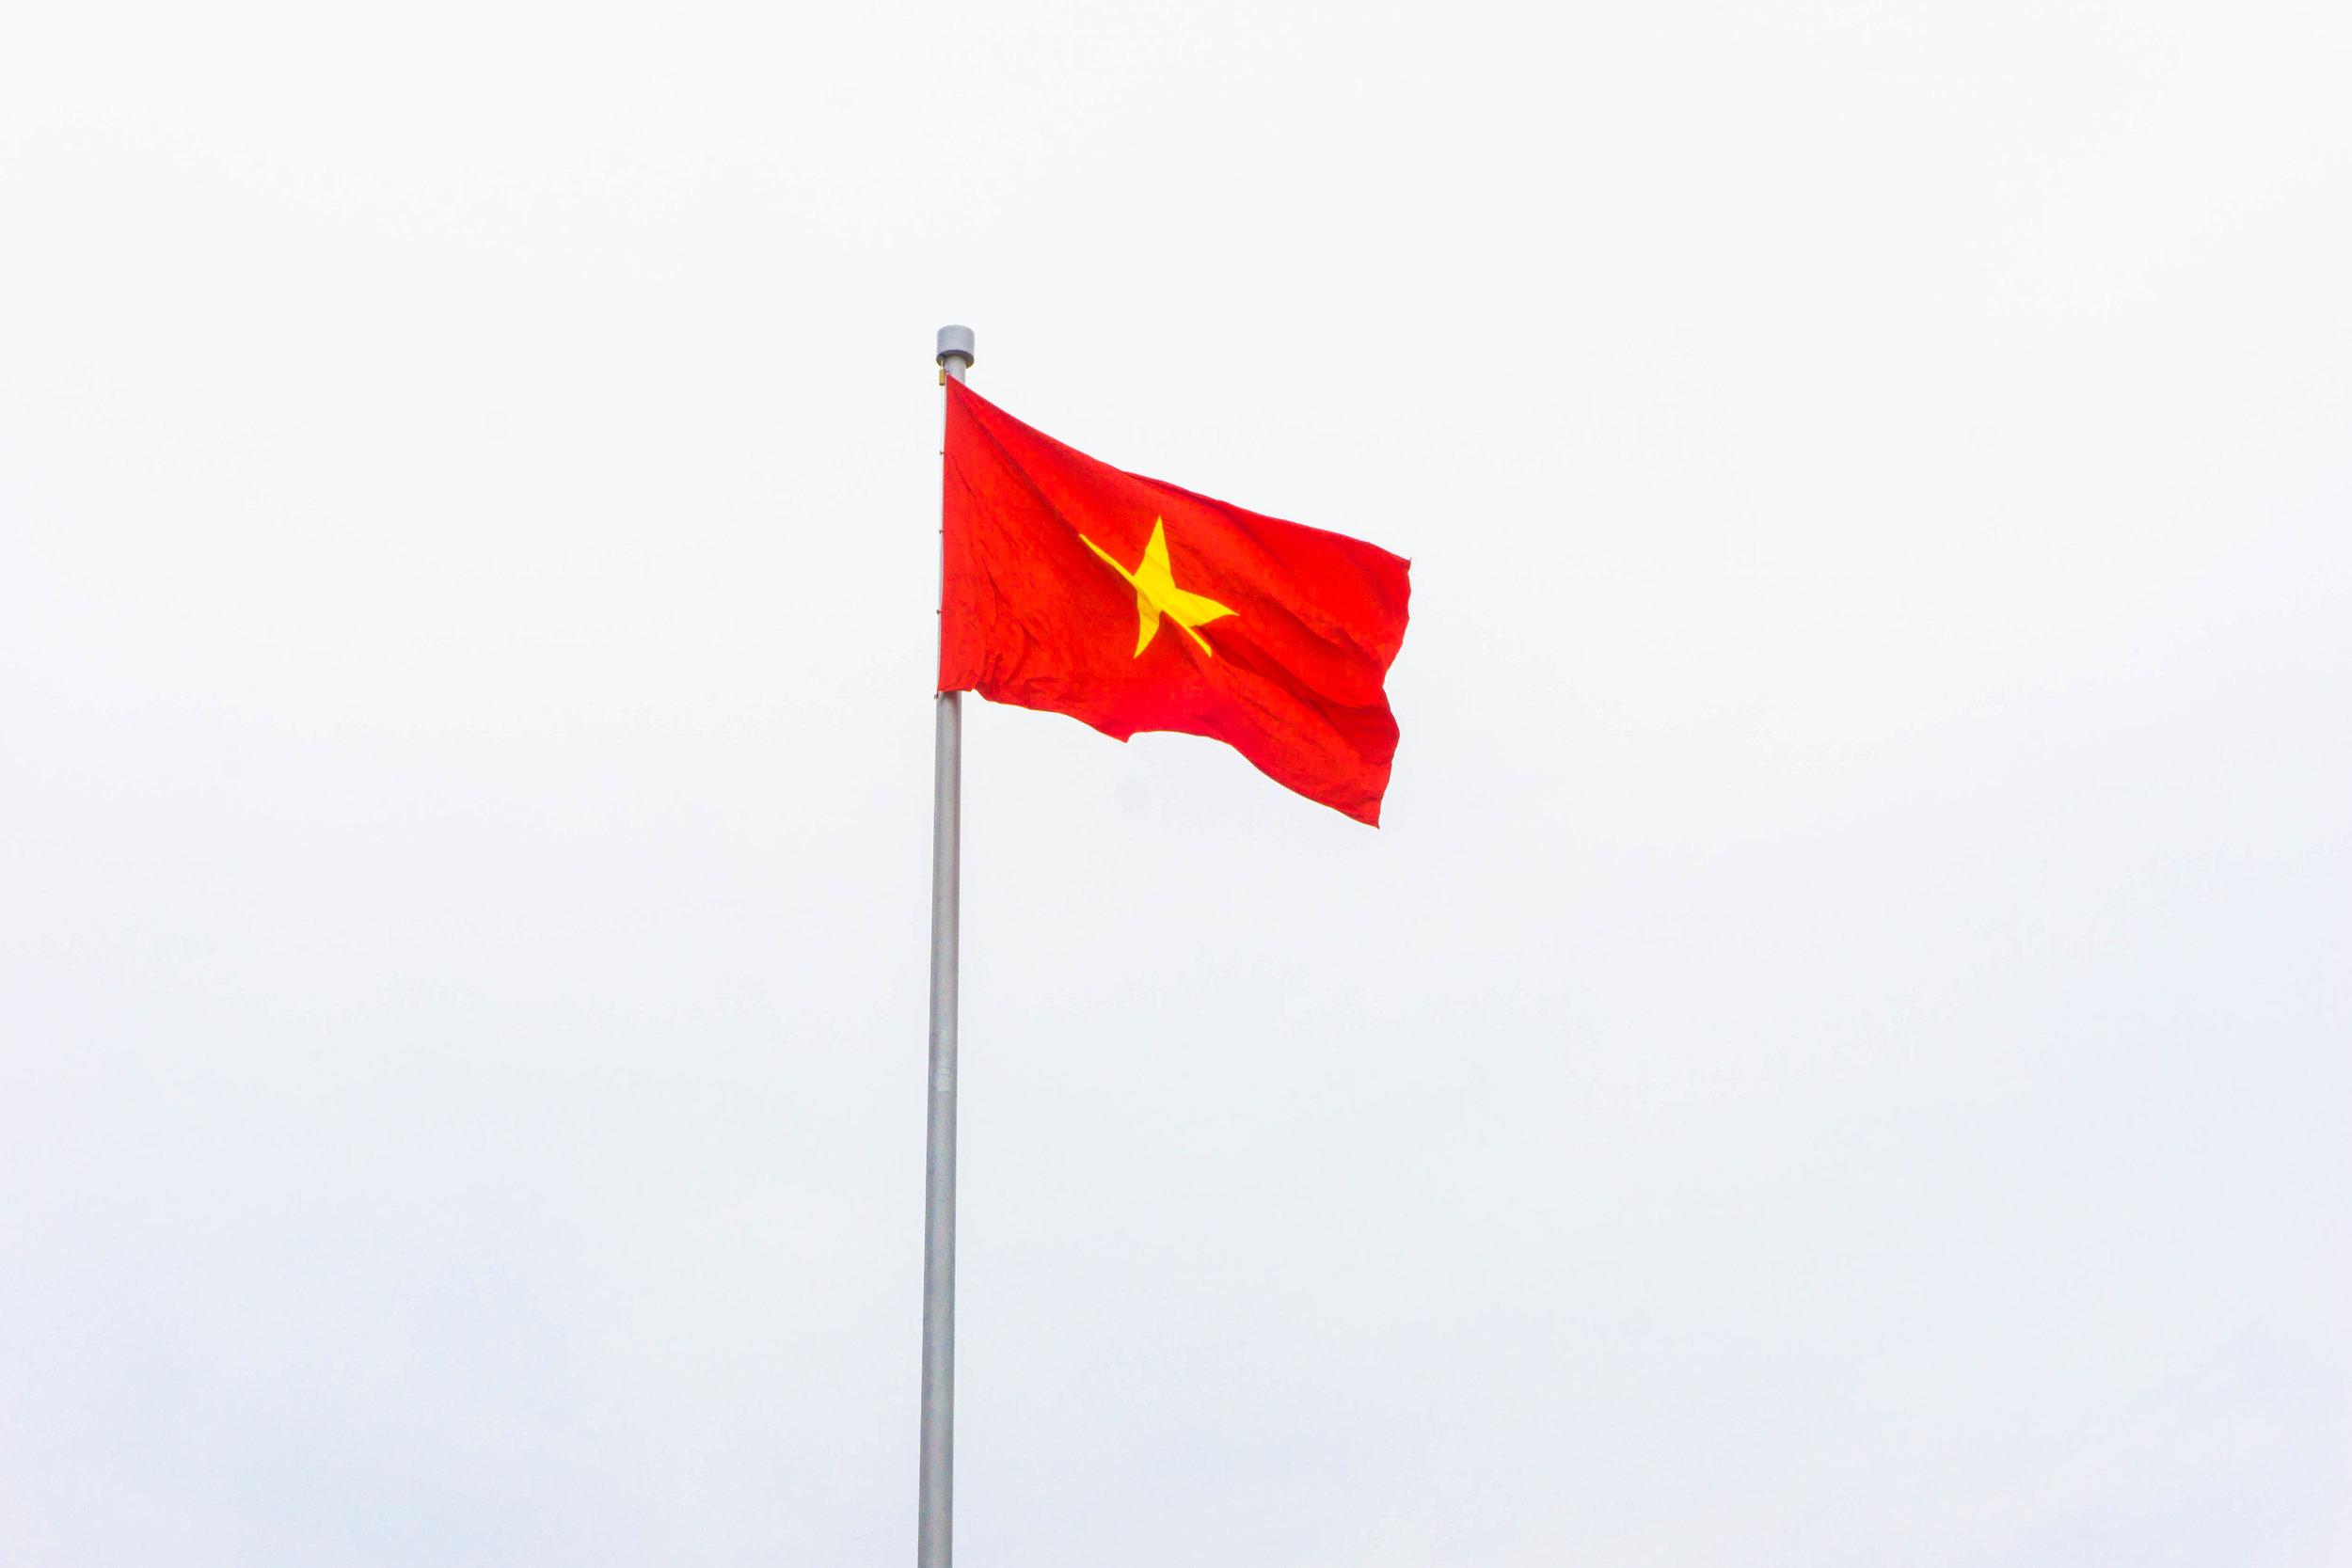 vietnamflag.jpg